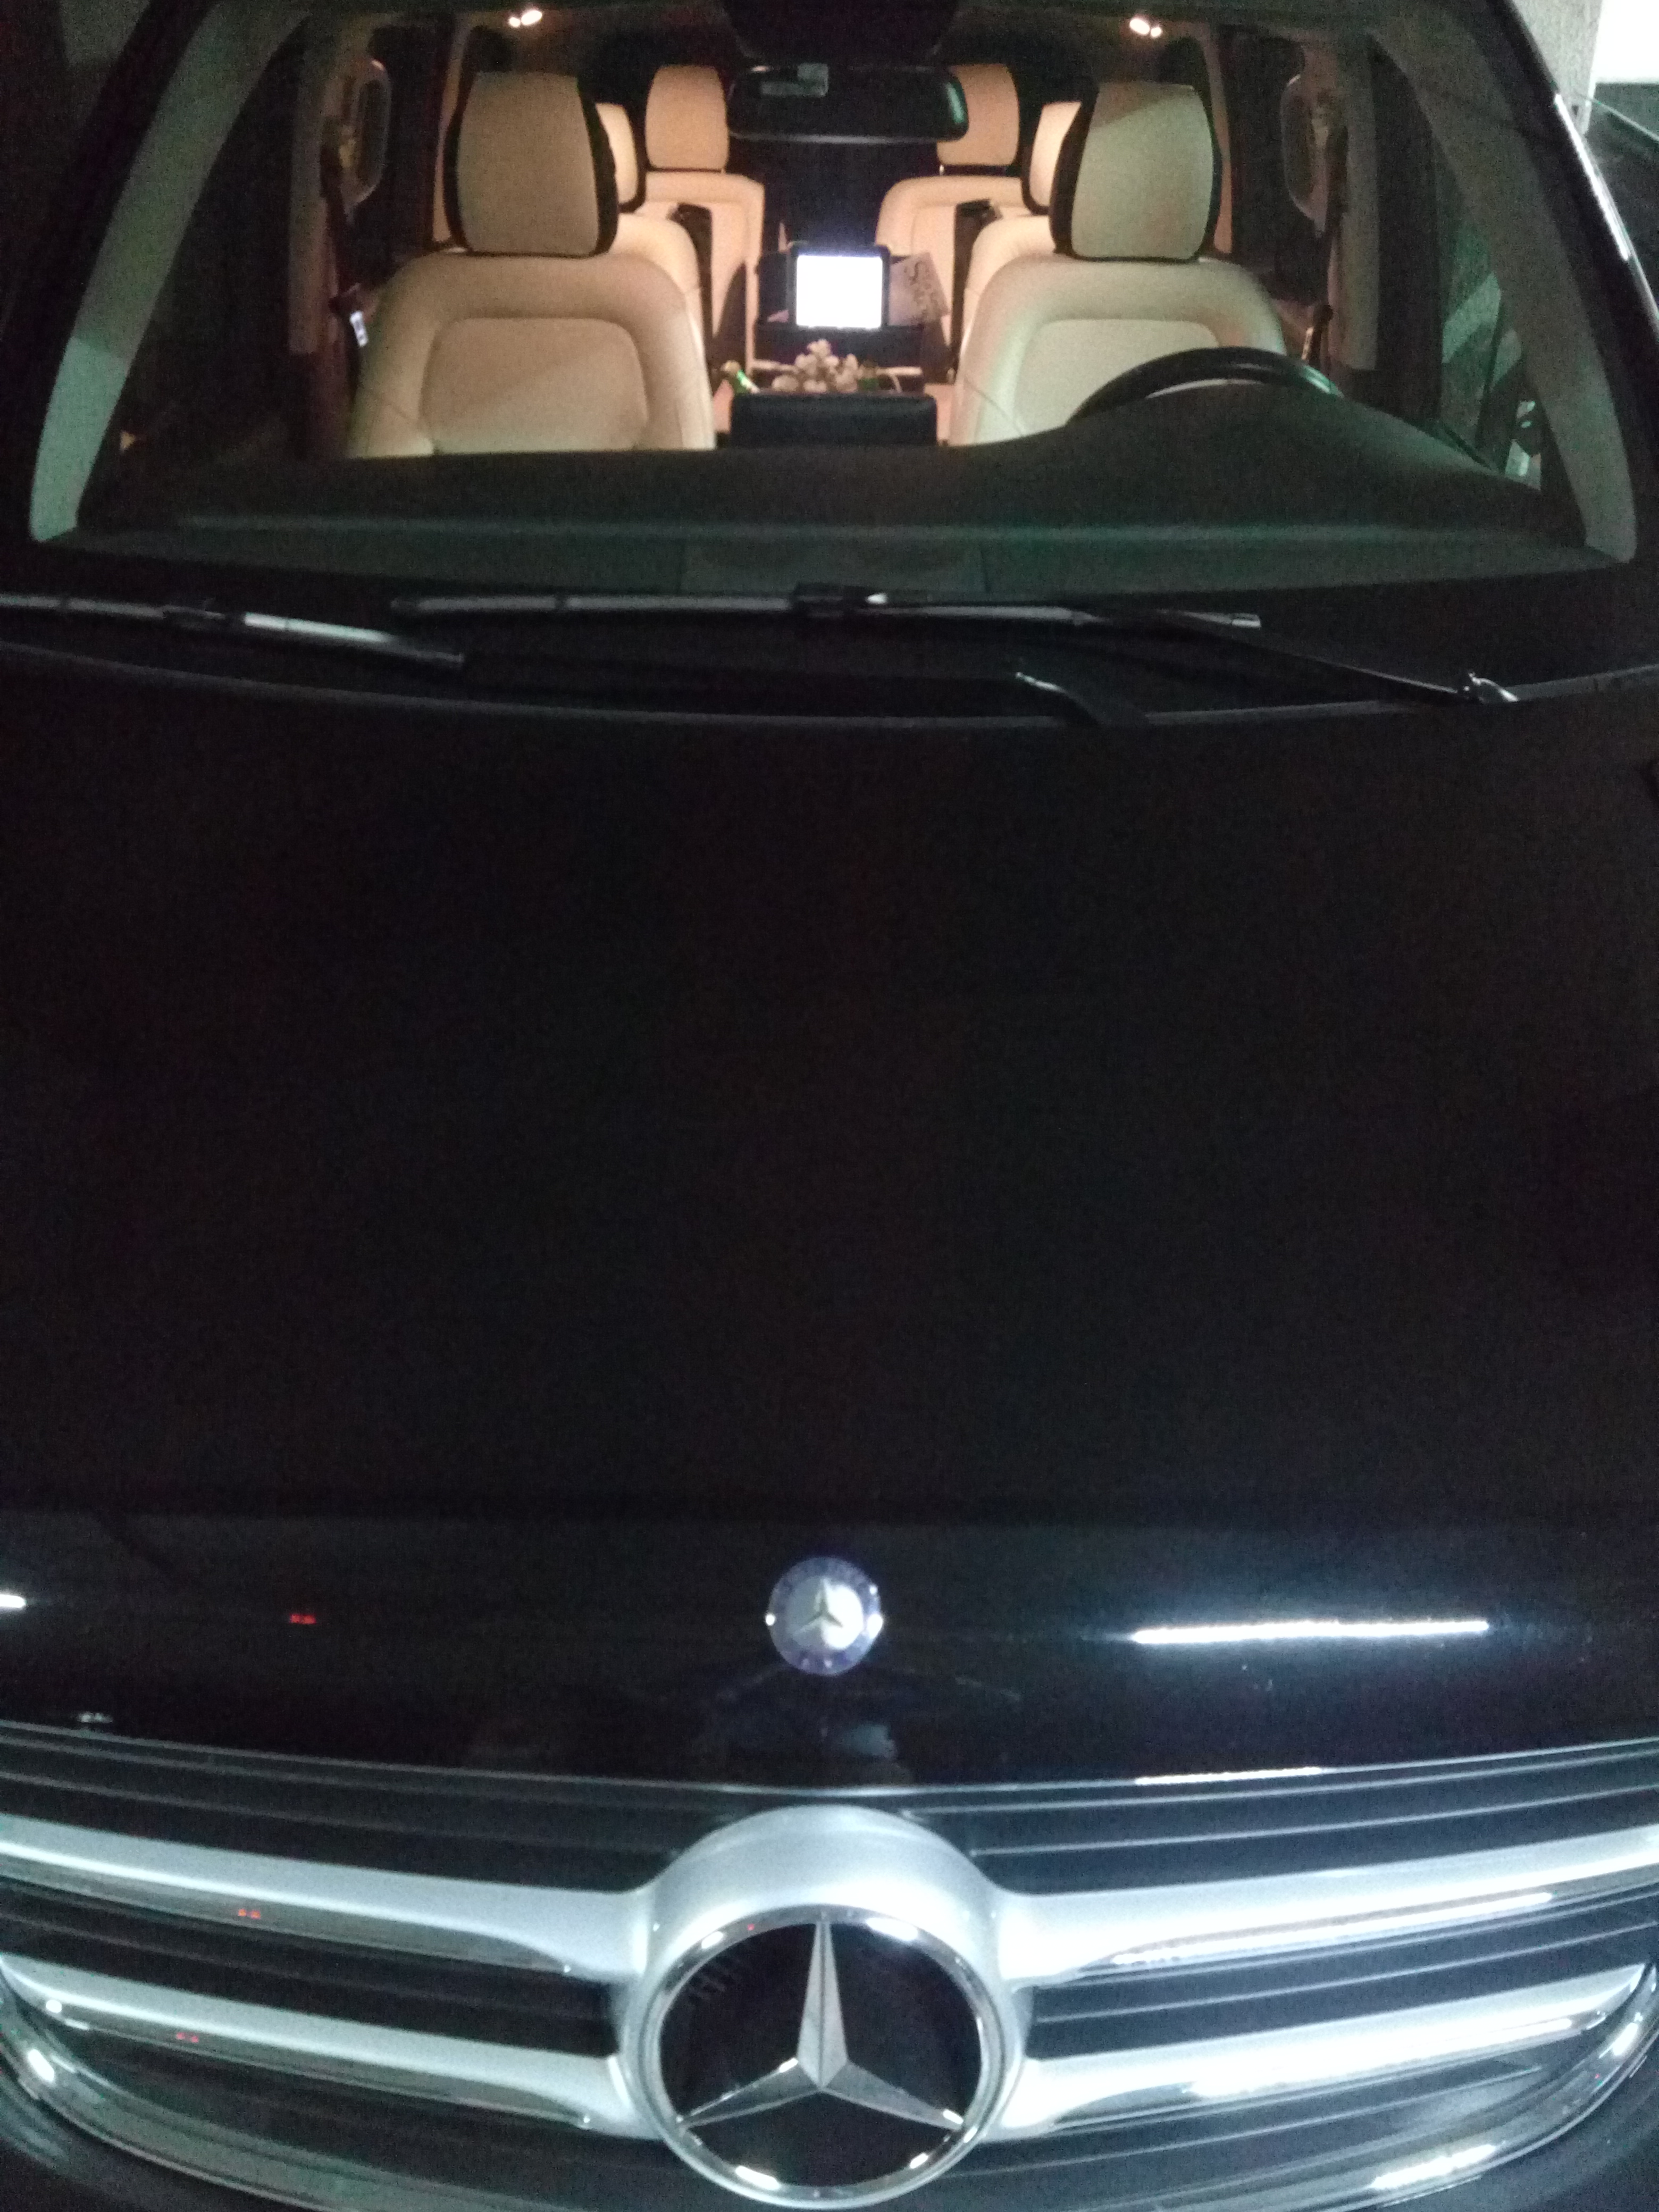 Minivan Executive V 2017 Personalizada (2)